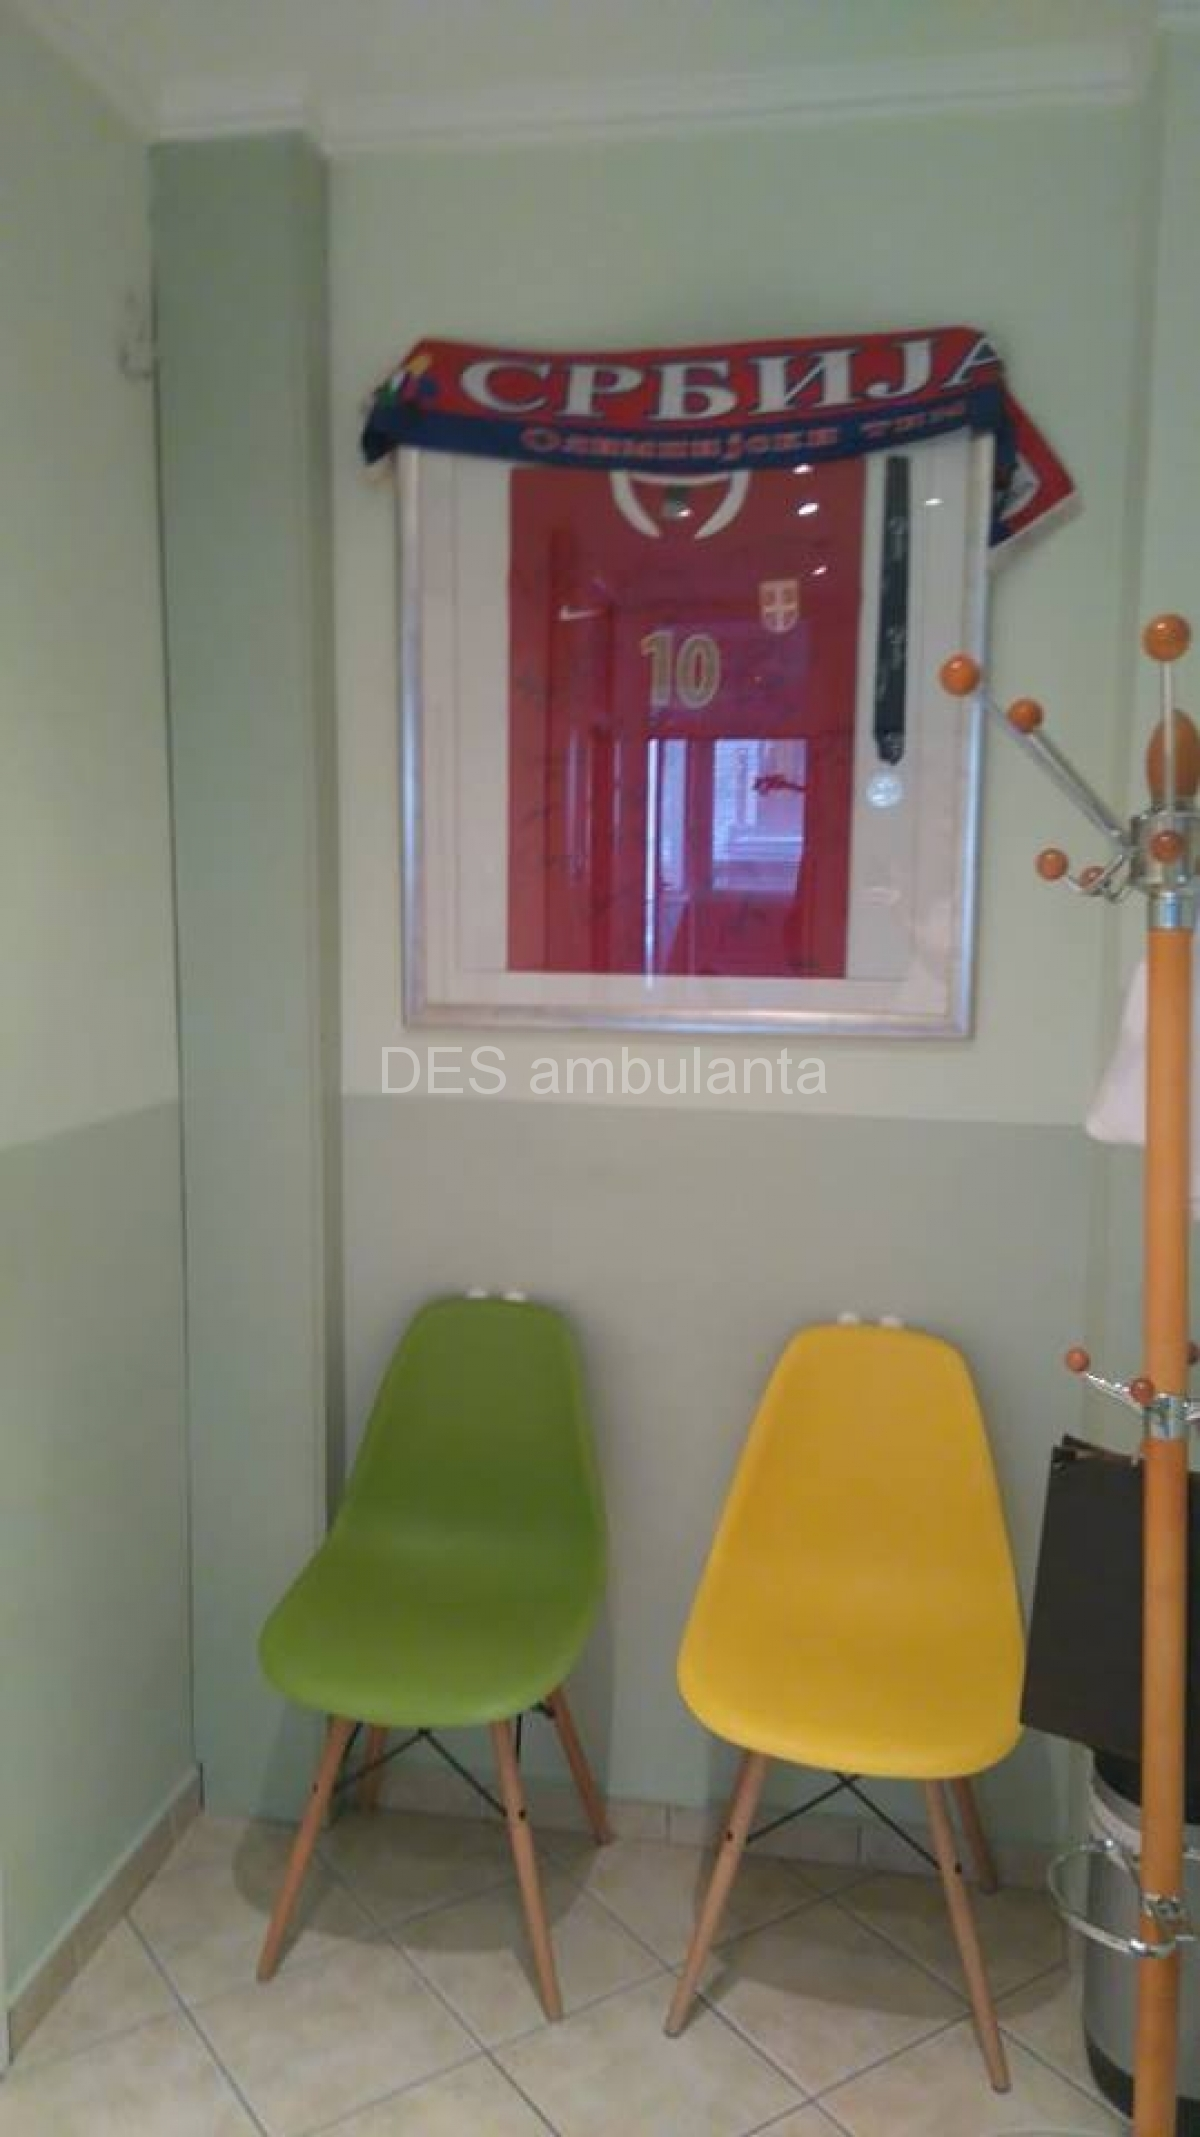 DES Ambulanta - Cekaonica